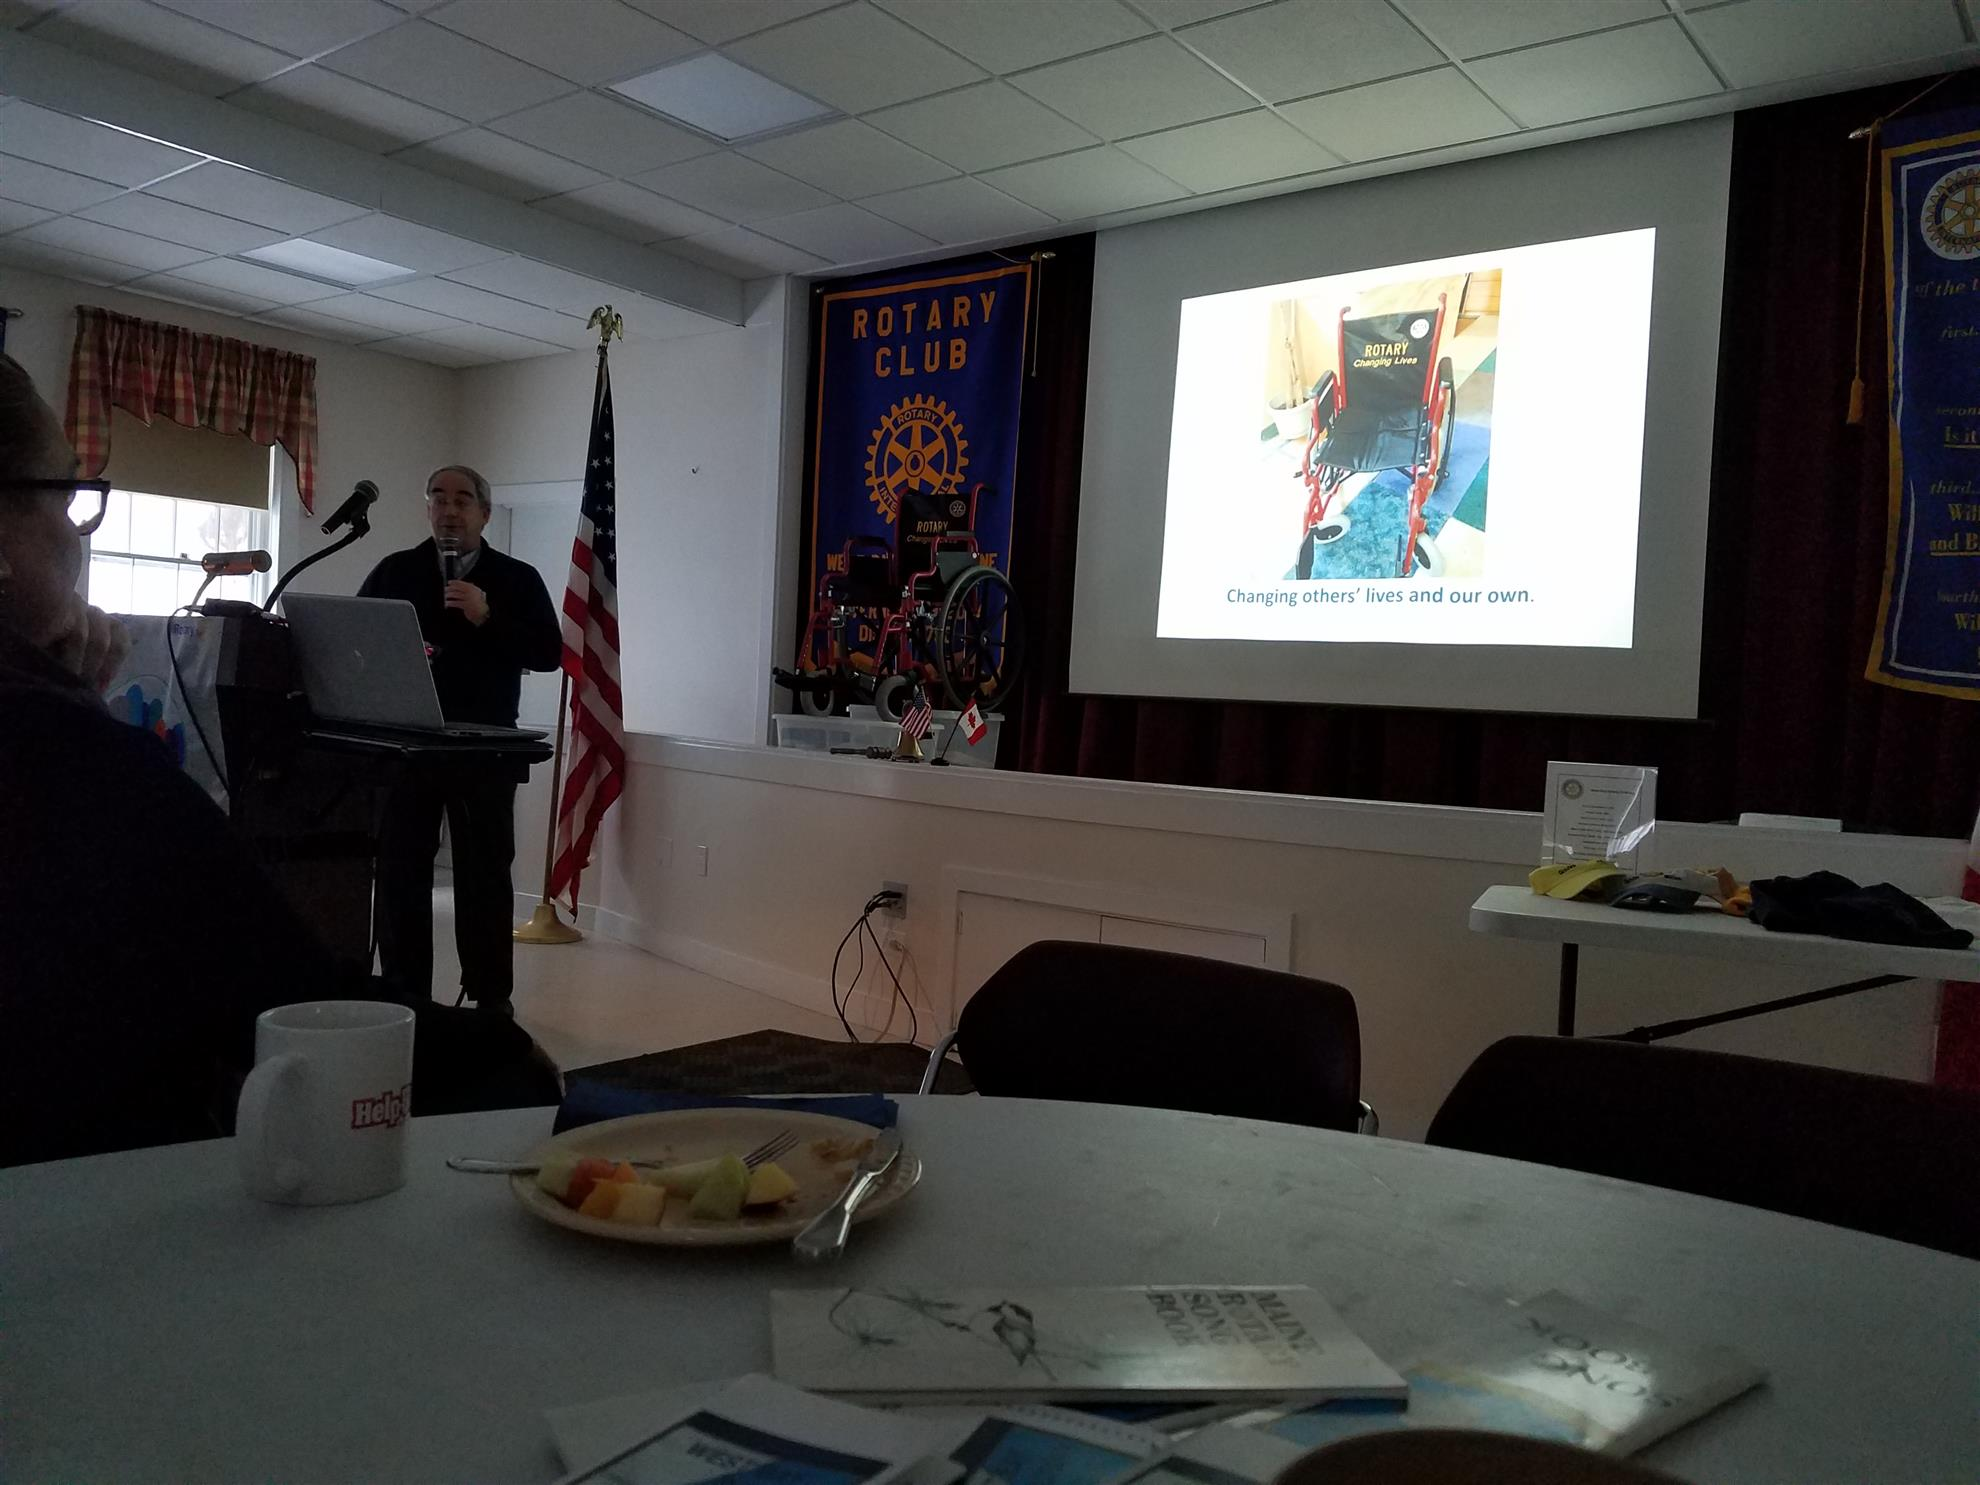 Jan 18 2018 Meeting of West Bay Rotary Jan 22 2018